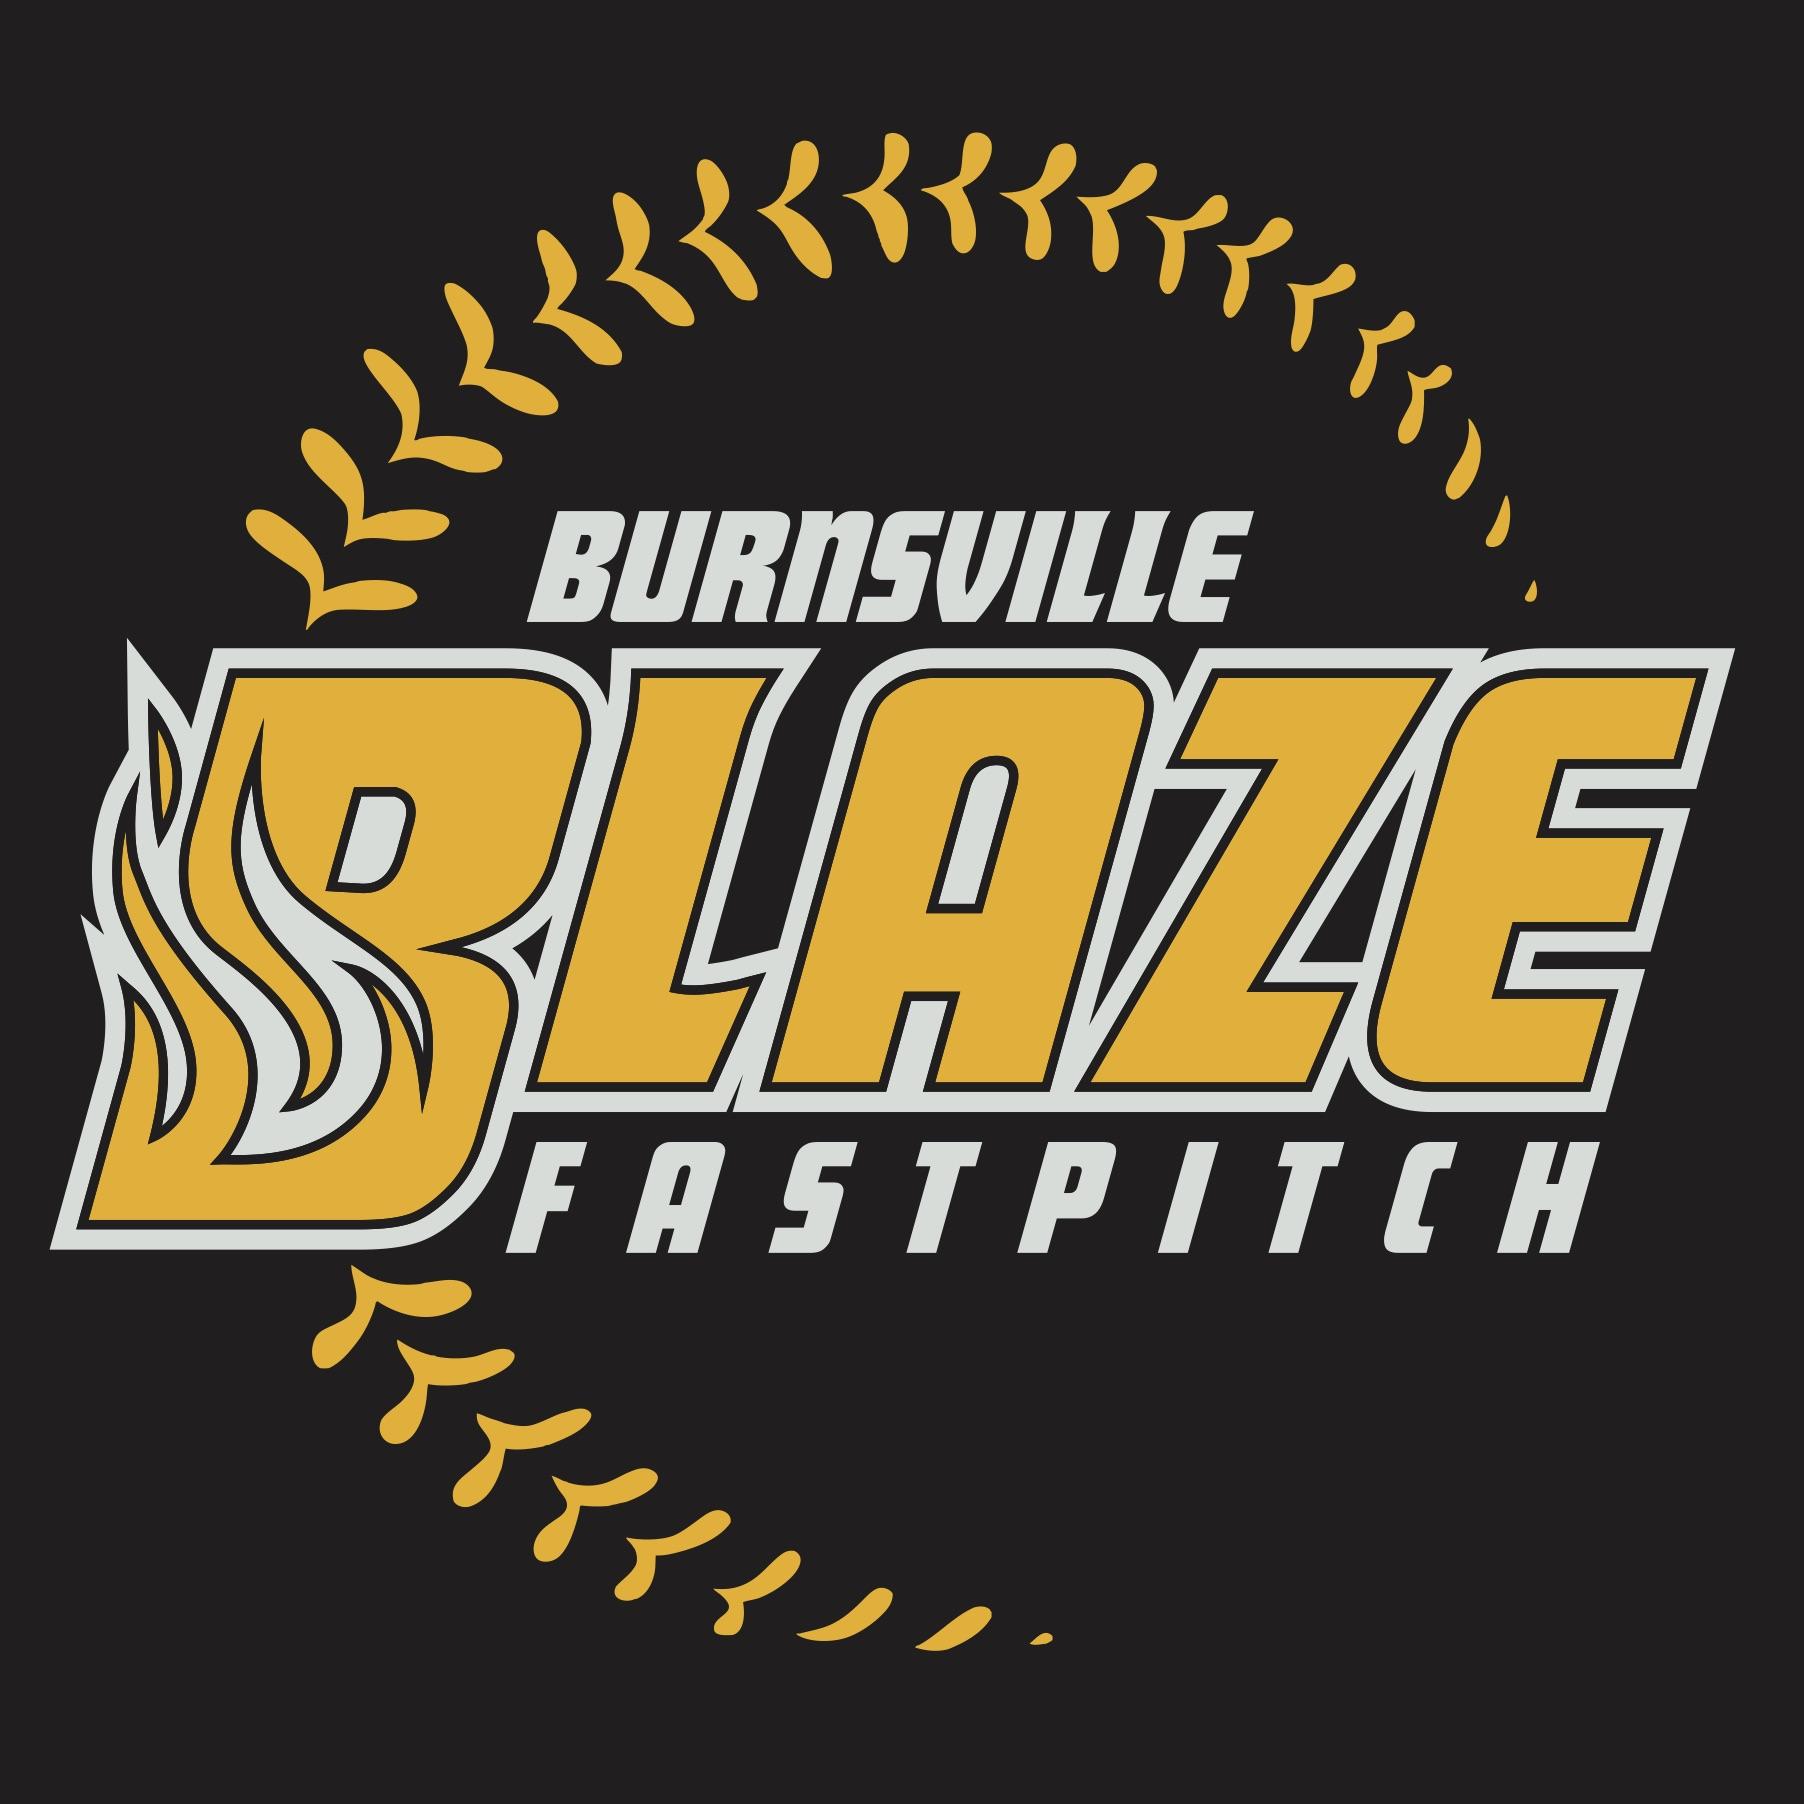 burnsville-fastpitch-2019-front-setup-1.jpg